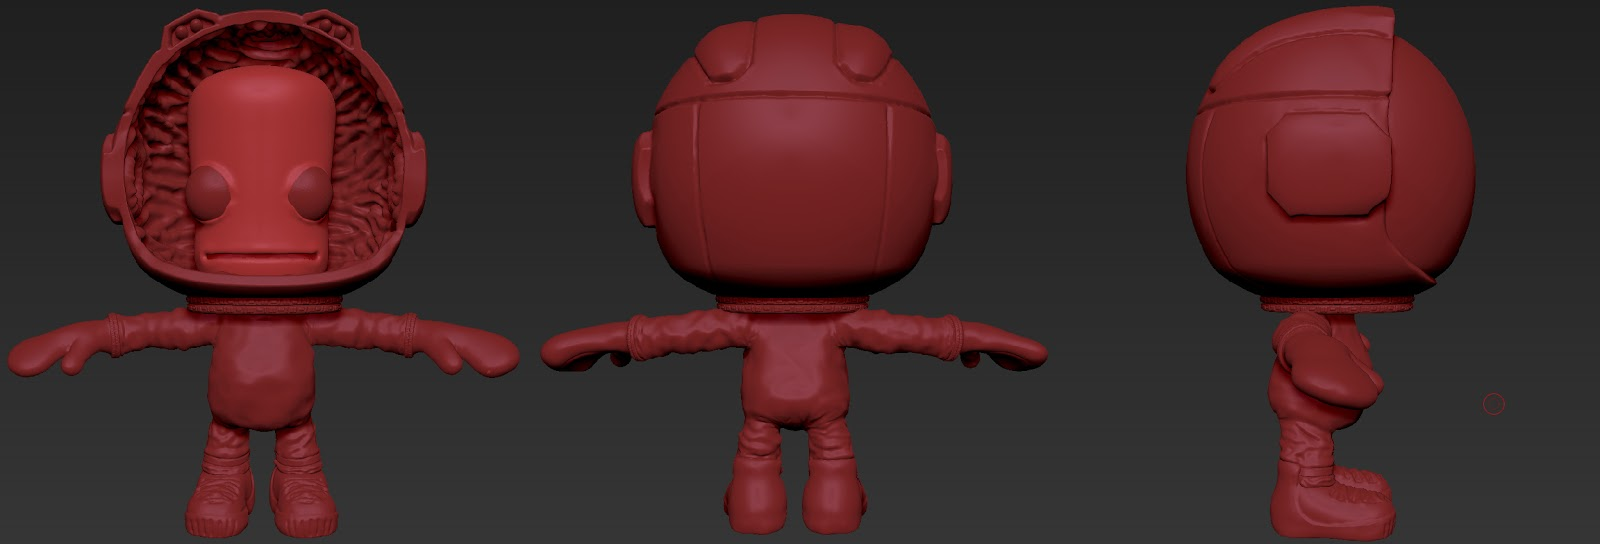 kerbal in space suit - photo #19